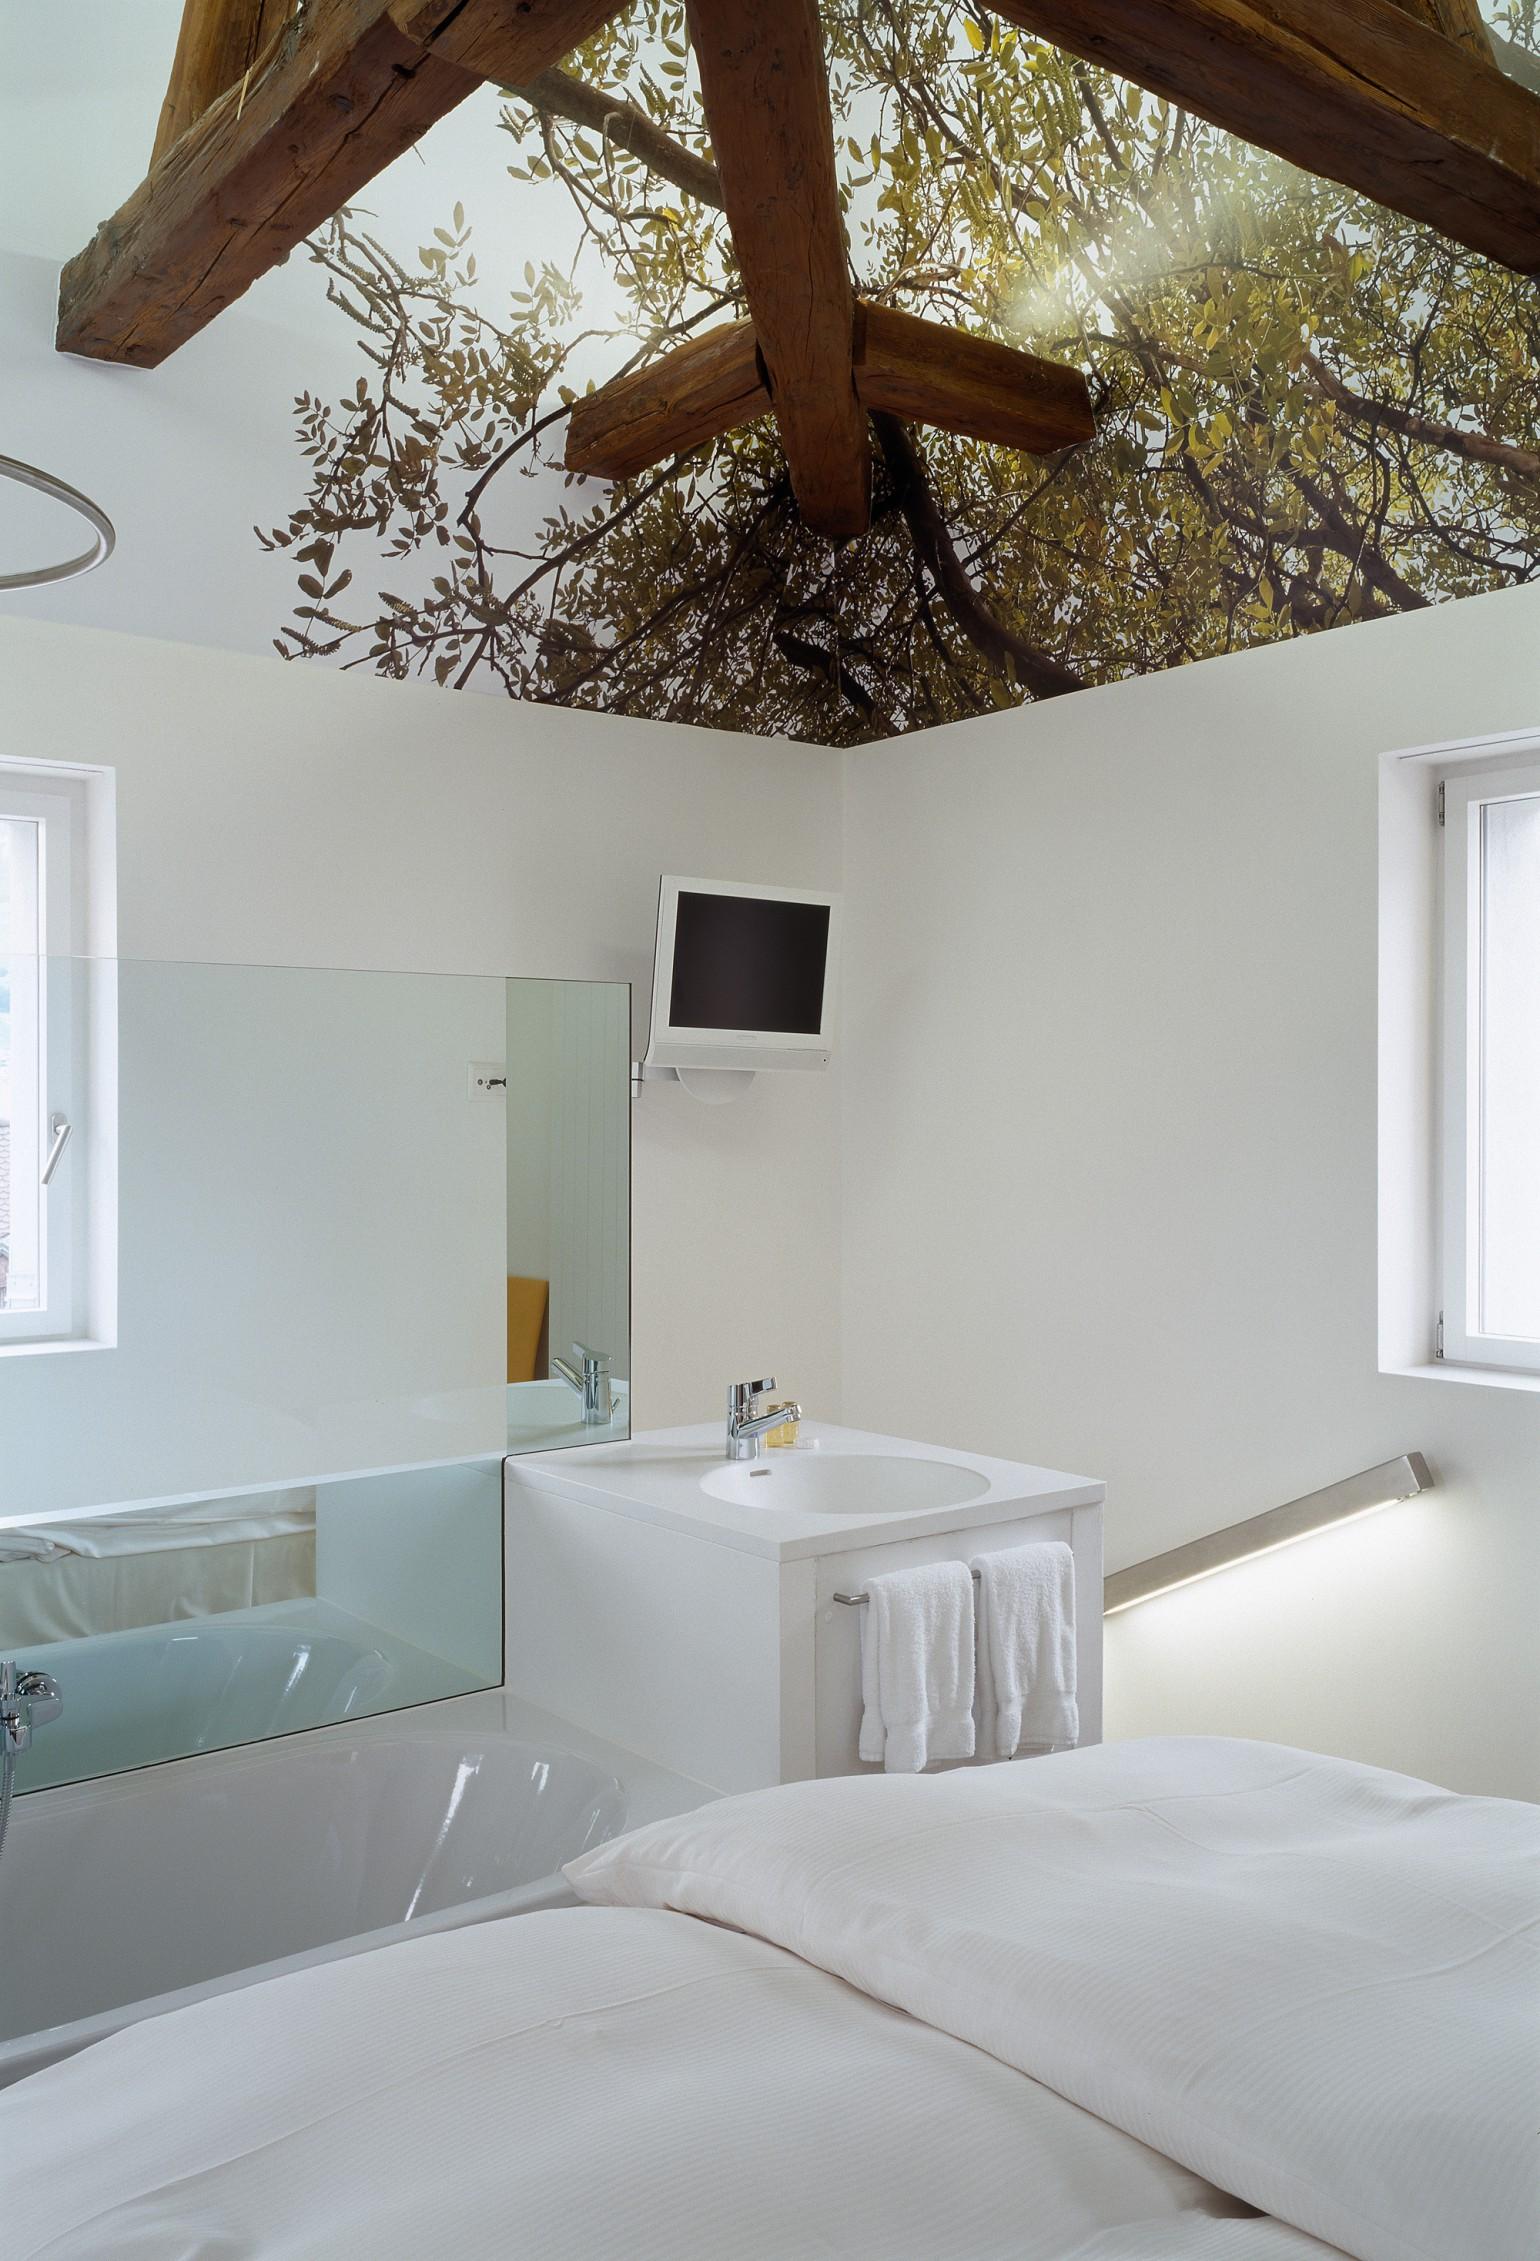 hotel-de-la-poste-sierre-meyer-architecture-sion-10